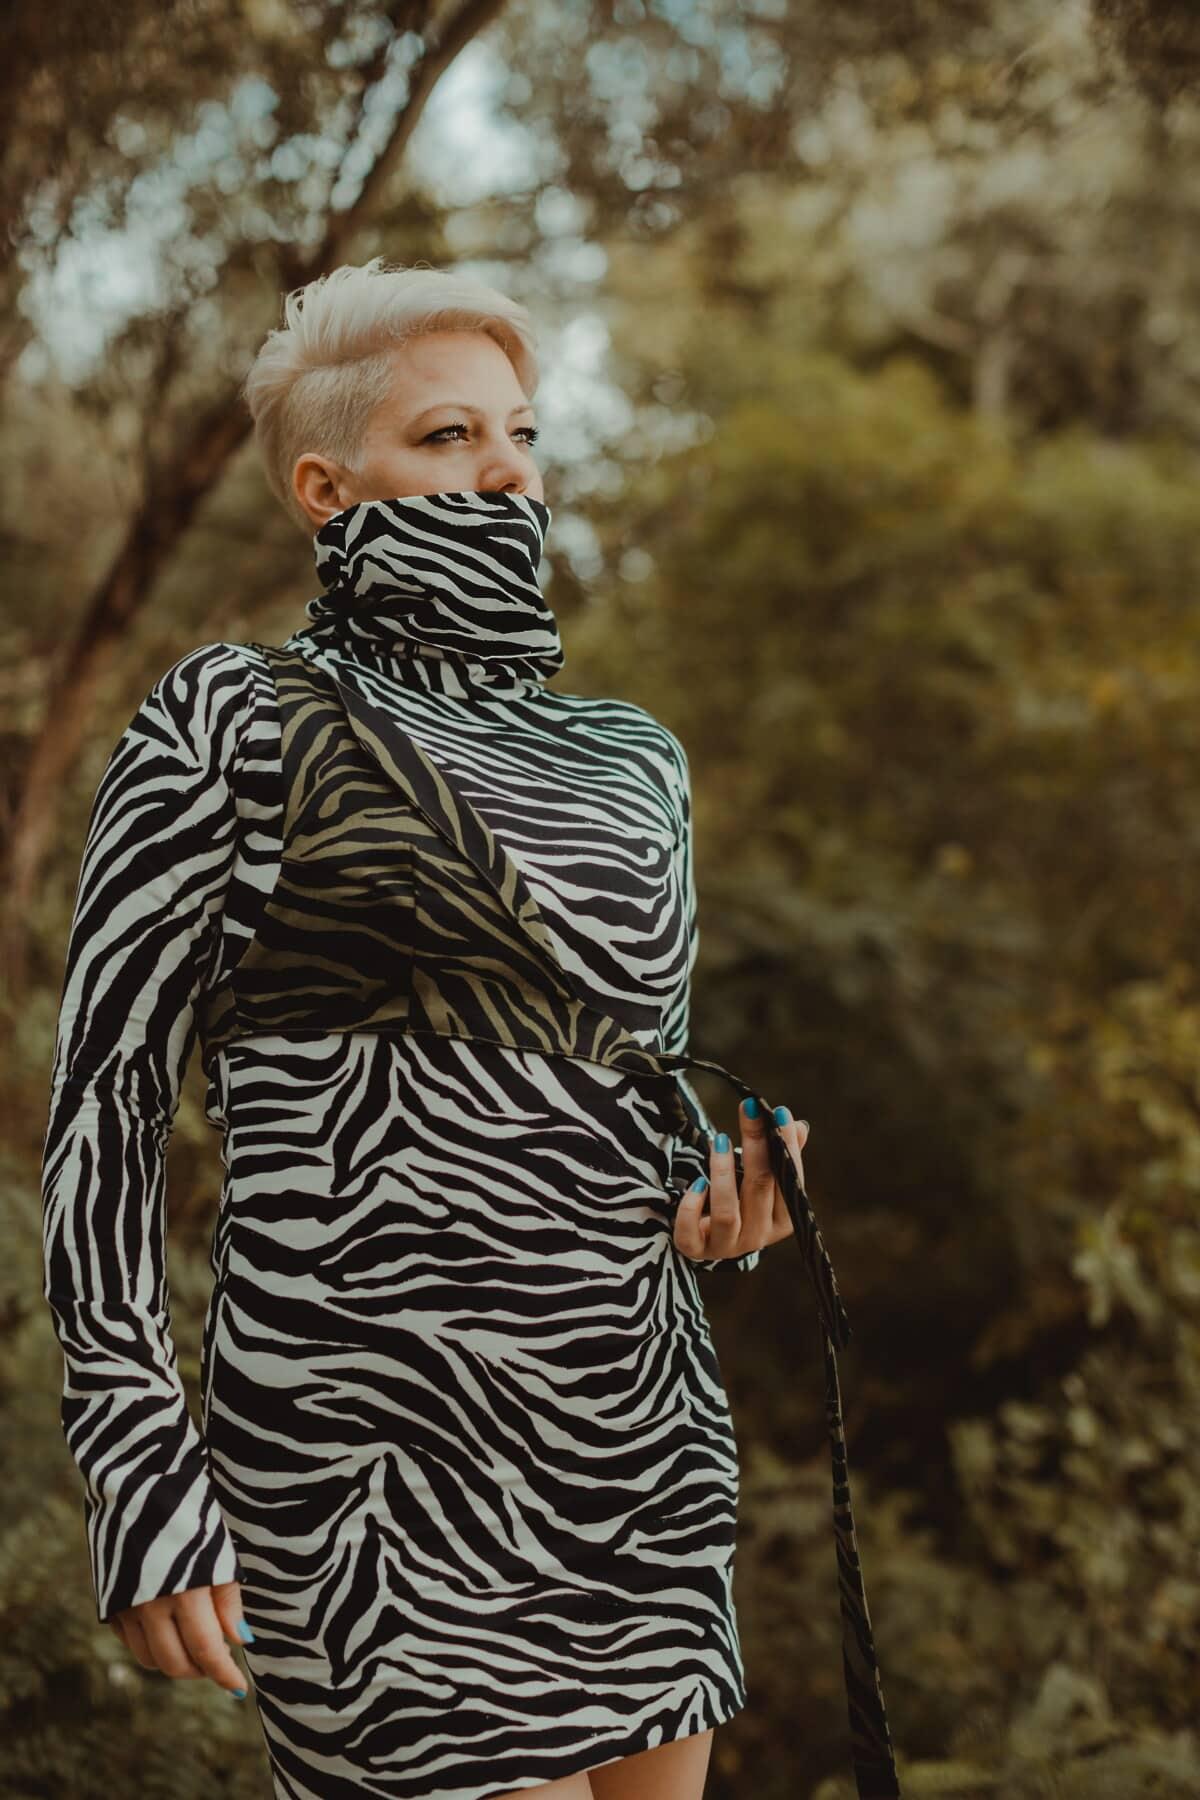 strój, czarno-białe, spódnica, mody, portret, natura, ludzie, na zewnątrz, dziewczyna, kobieta